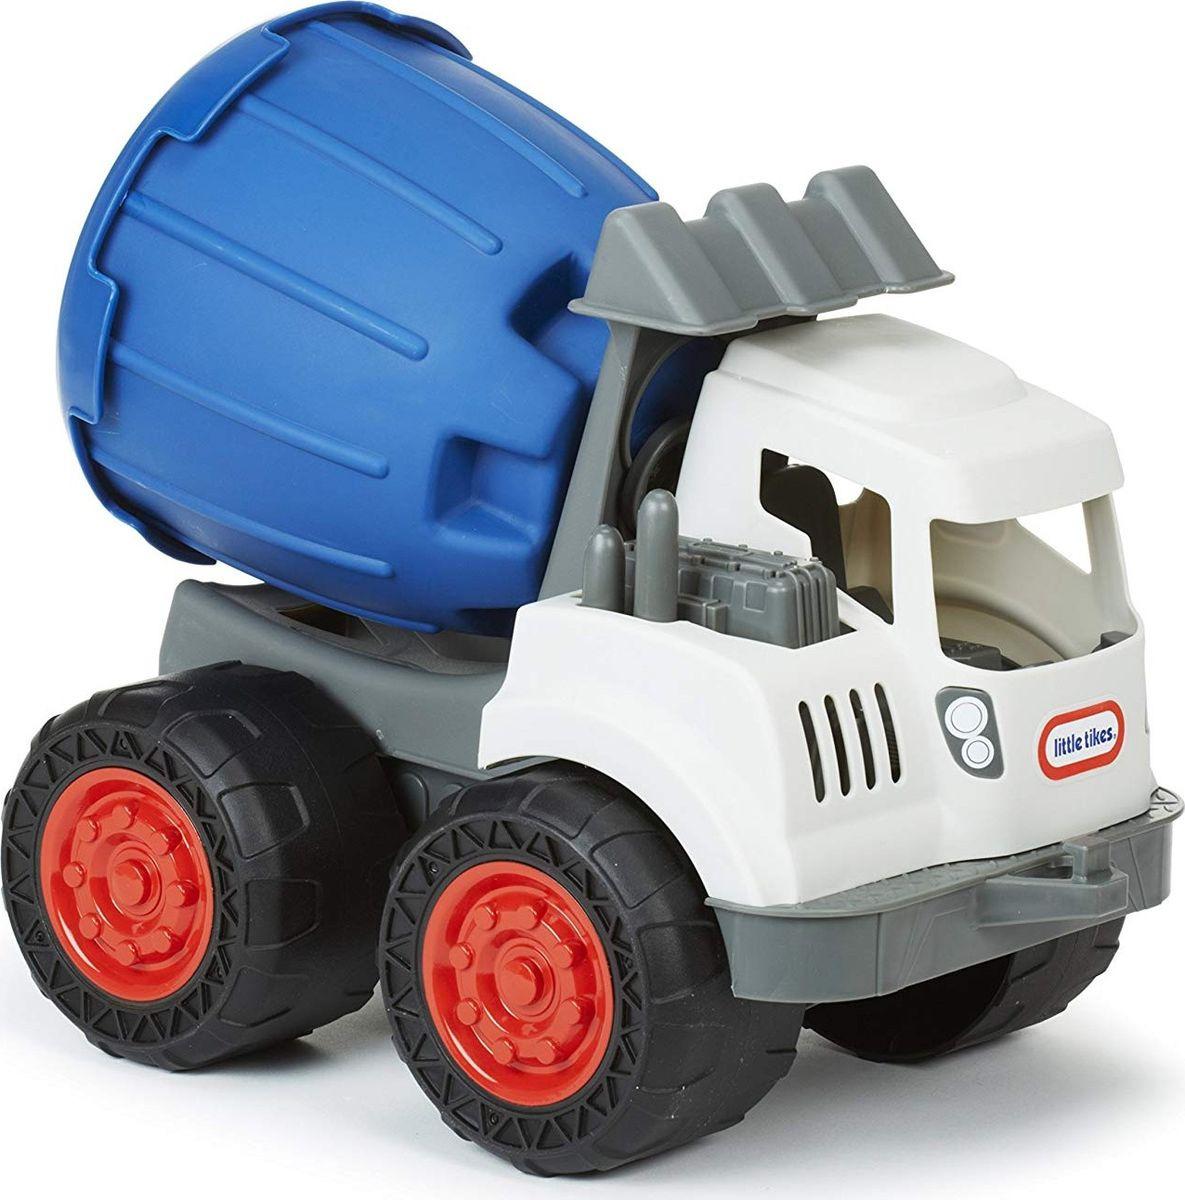 Машинка Little Tikes Землекоп Цементомешалка 2 в 1, 643361E4C little tikes little tikes раннего детства специальное образование детские игрушки сумасшедший отскок колеса грузовики 641 480 американский бренд